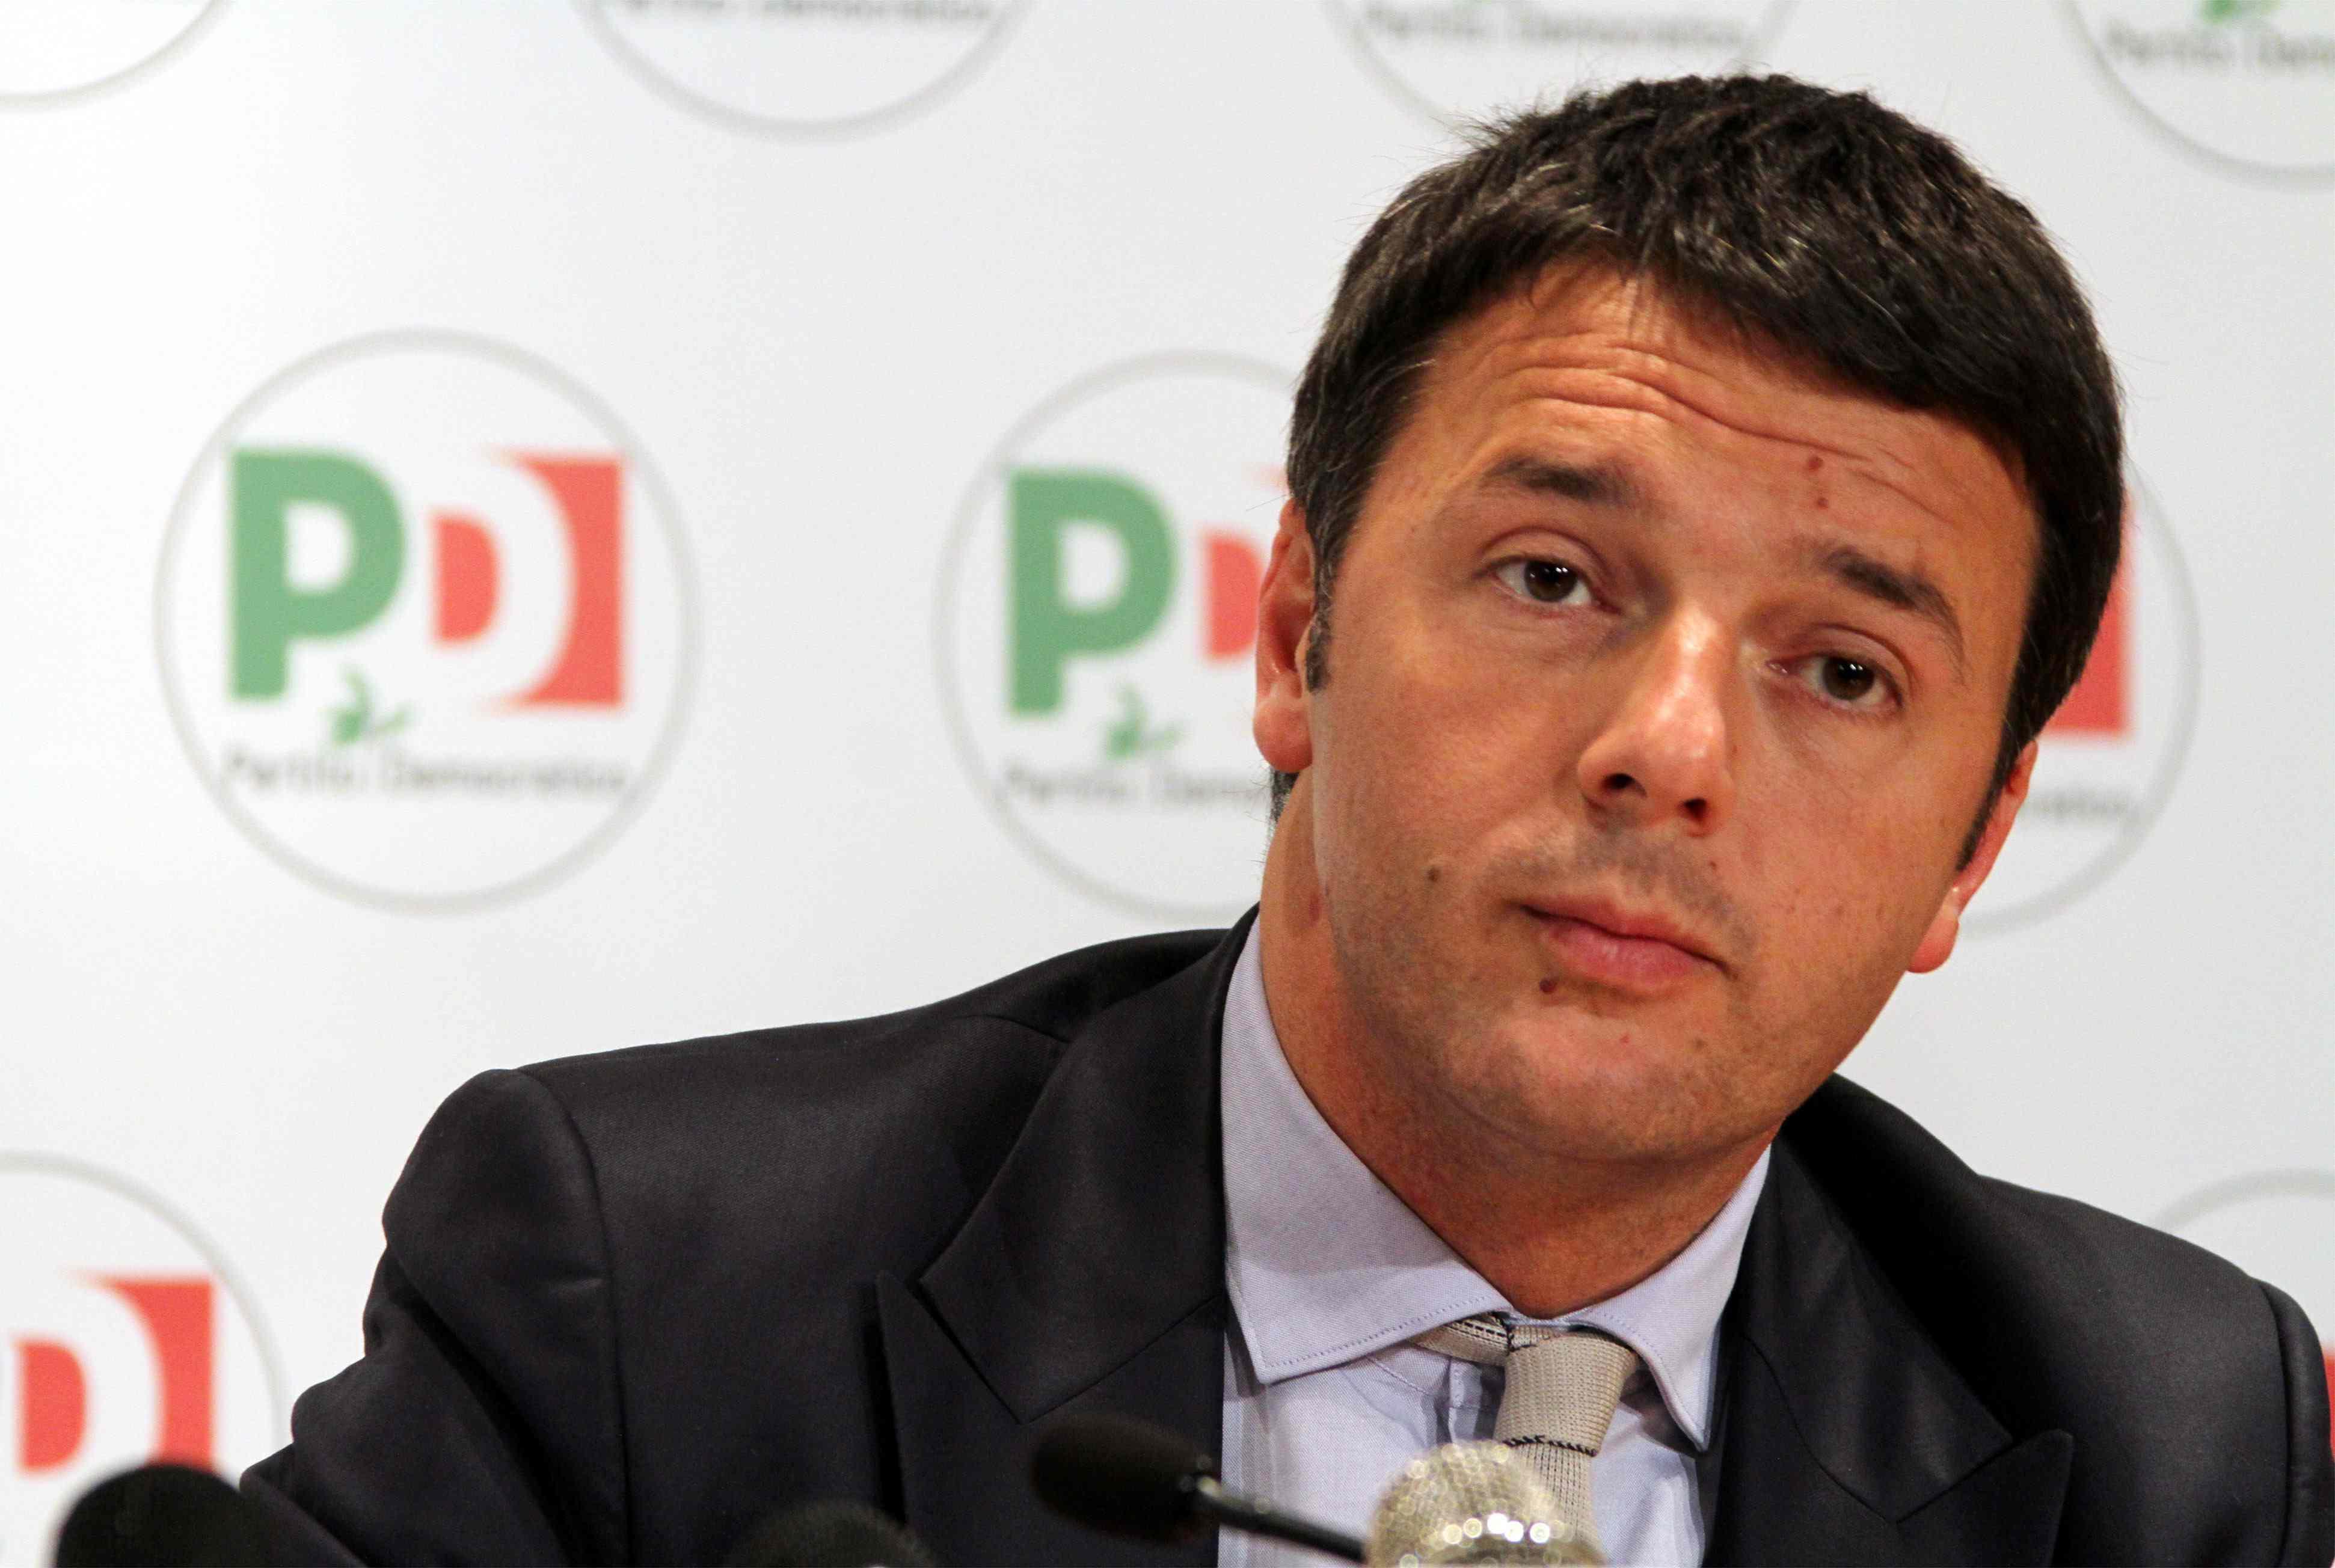 Pensione anticipata: Renzi annuncia riforma flessibilità